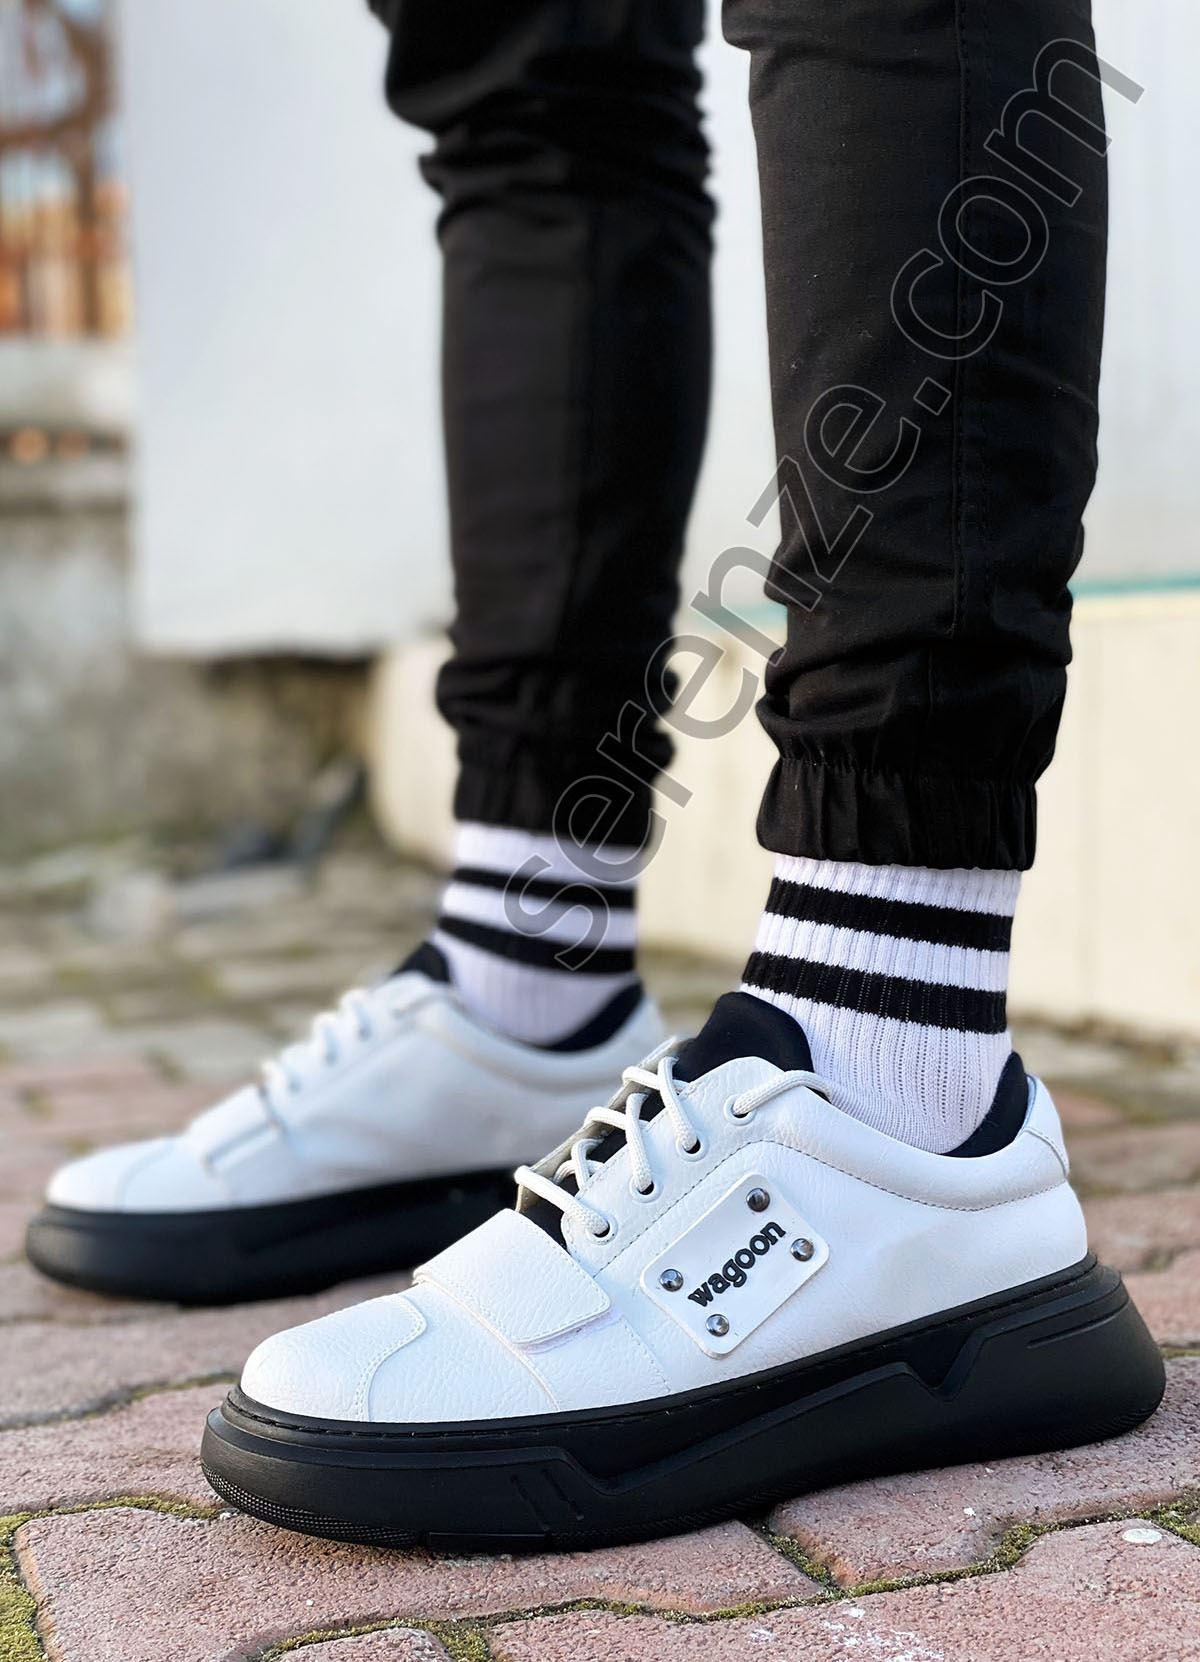 Beyaz Siyah Cırtlı Erkek Spor Ayakkabı